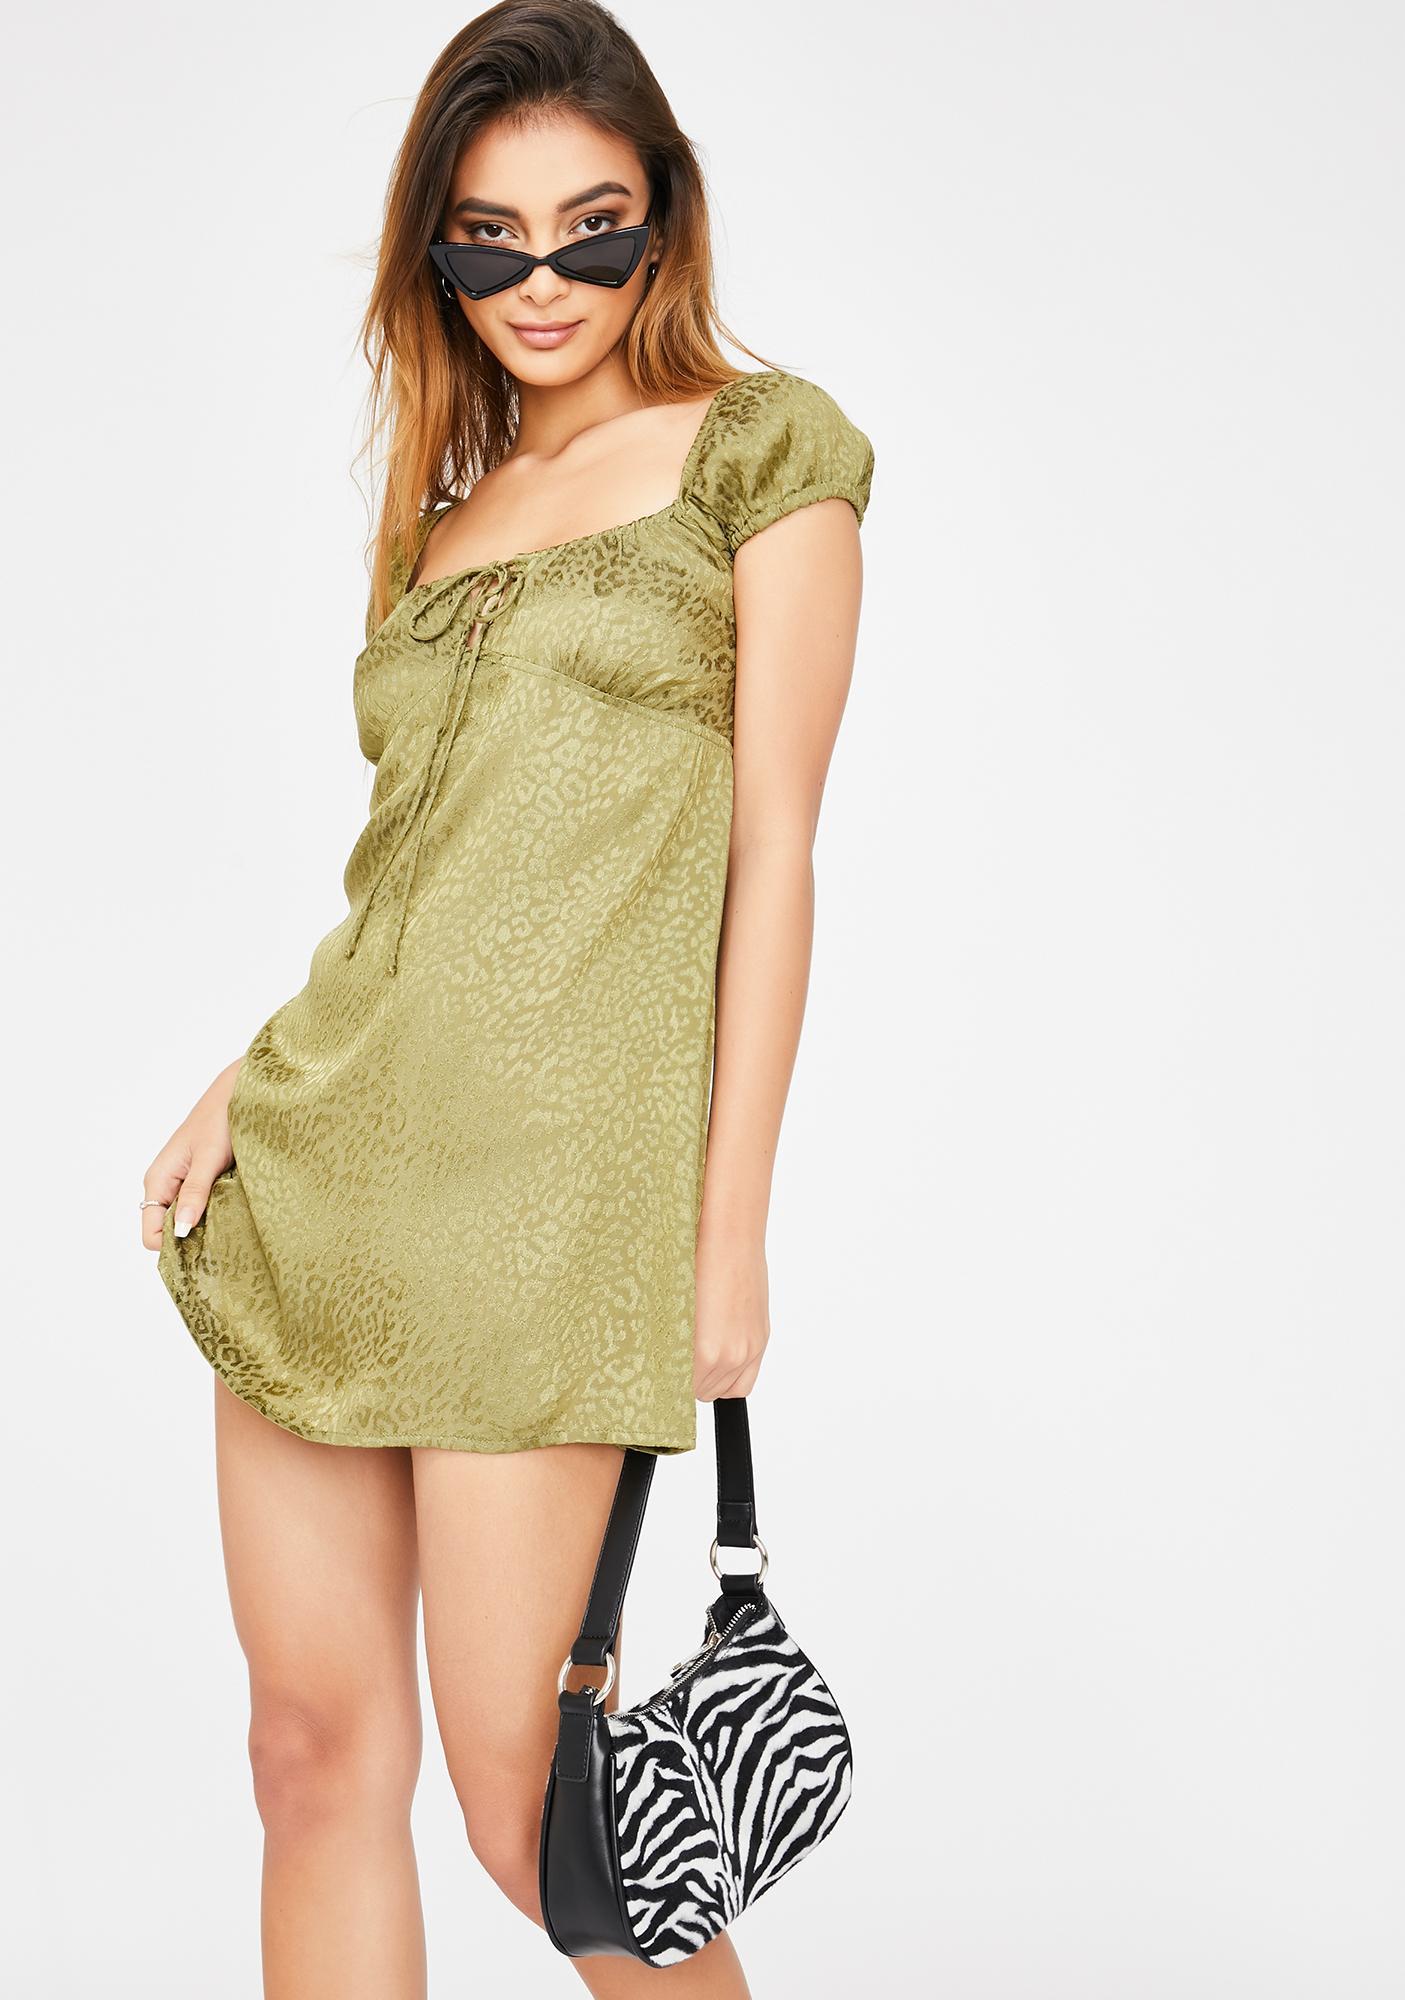 Motel Khaki Cheetah Gaval Dress